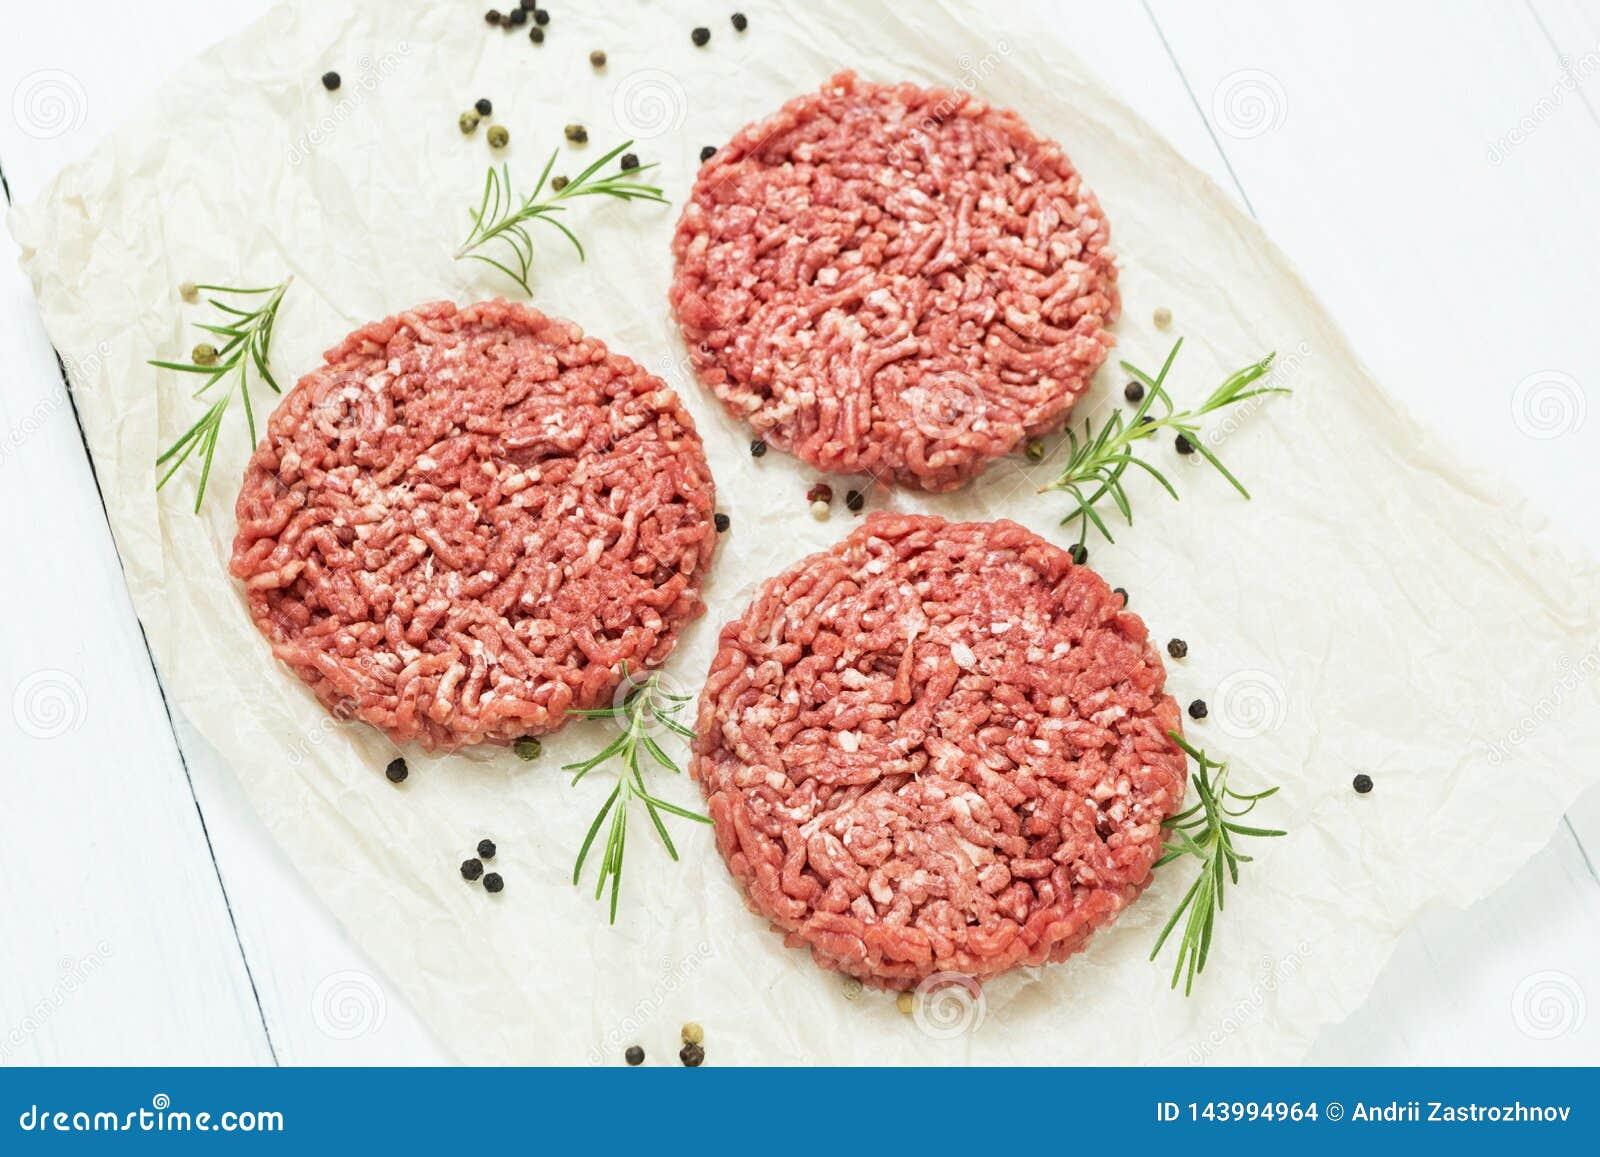 Drie ruwe hamburgers maakten van organisch vlees op een witte houten achtergrond met kruiden Hoogste mening